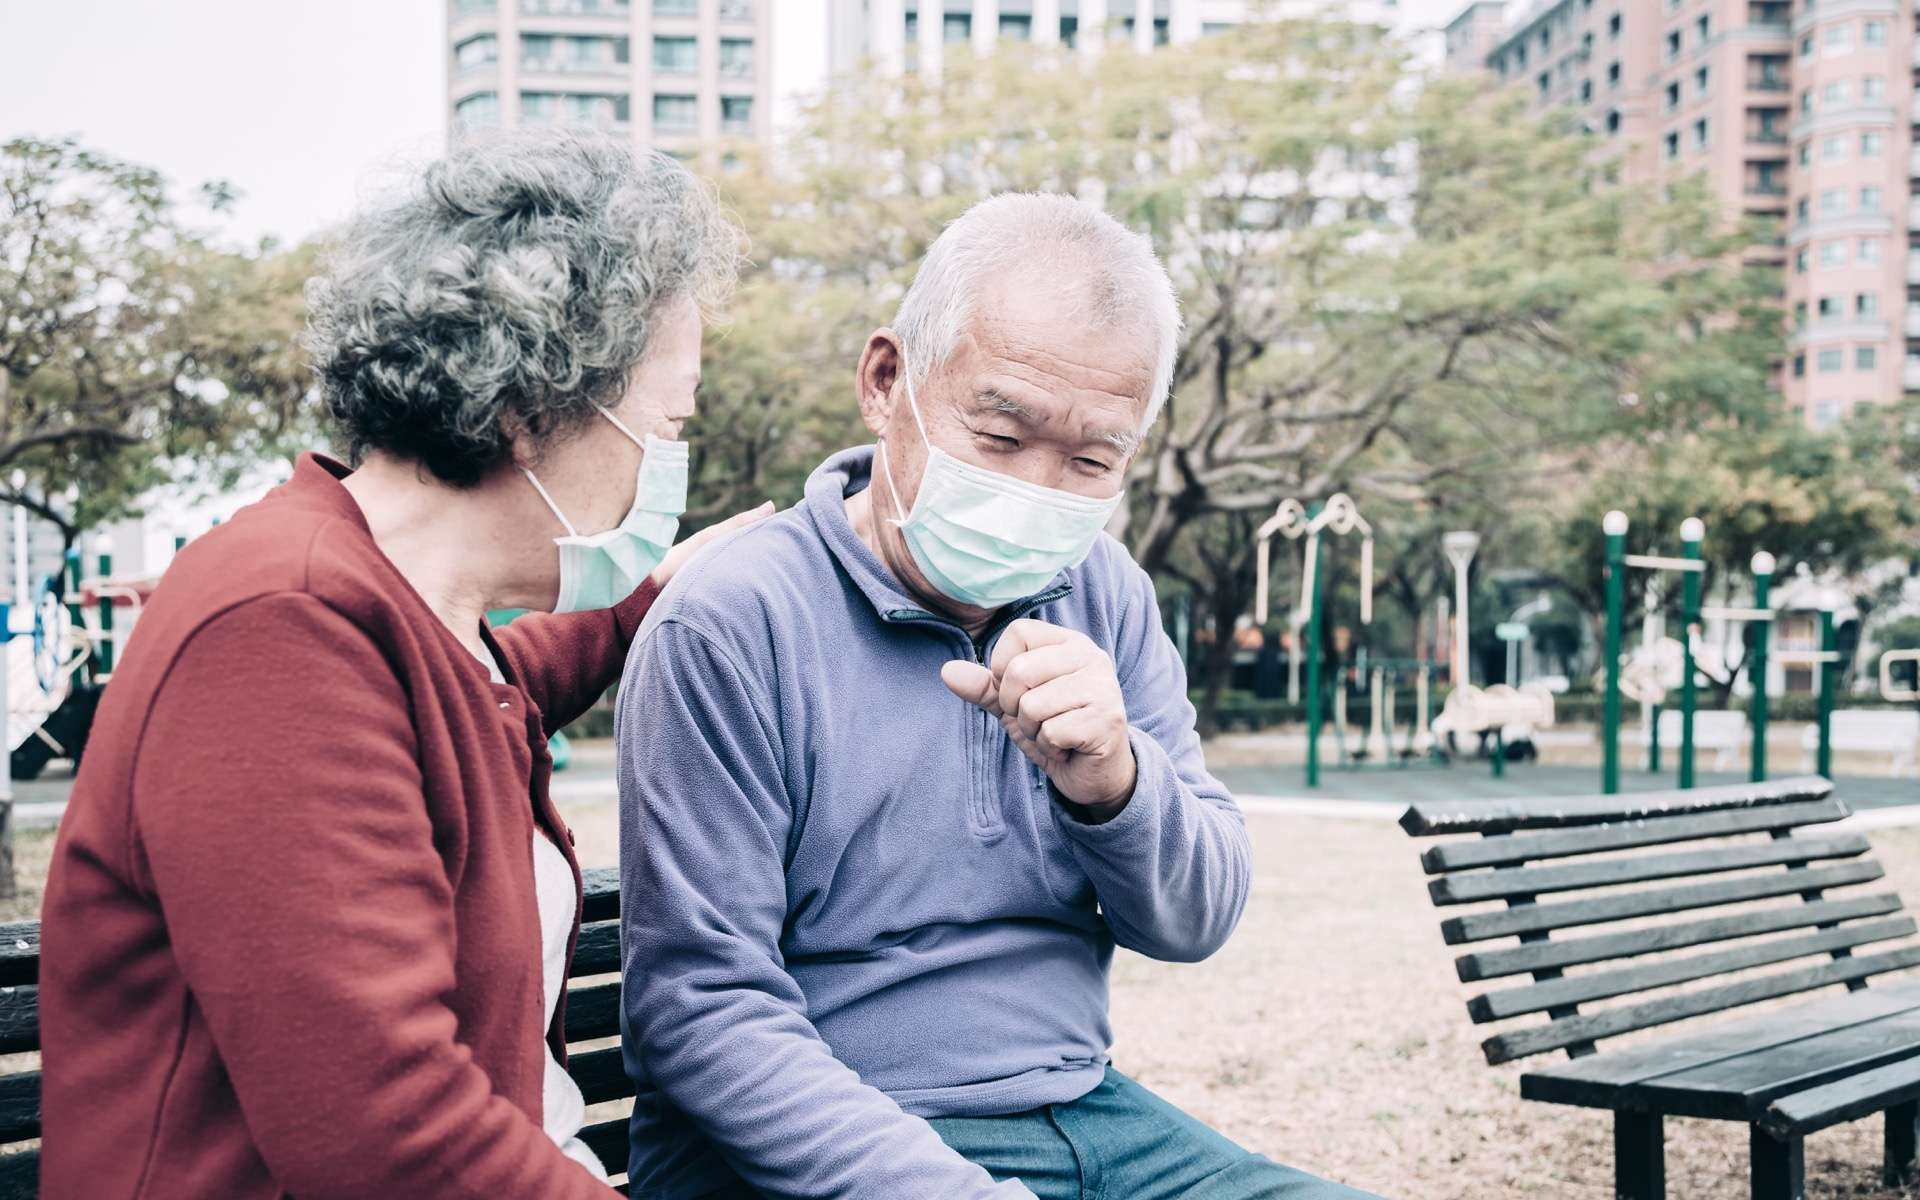 La susceptibilité au coronavirus augmente-t-elle avec l'âge ? © Tom Wang, Adobe Stock